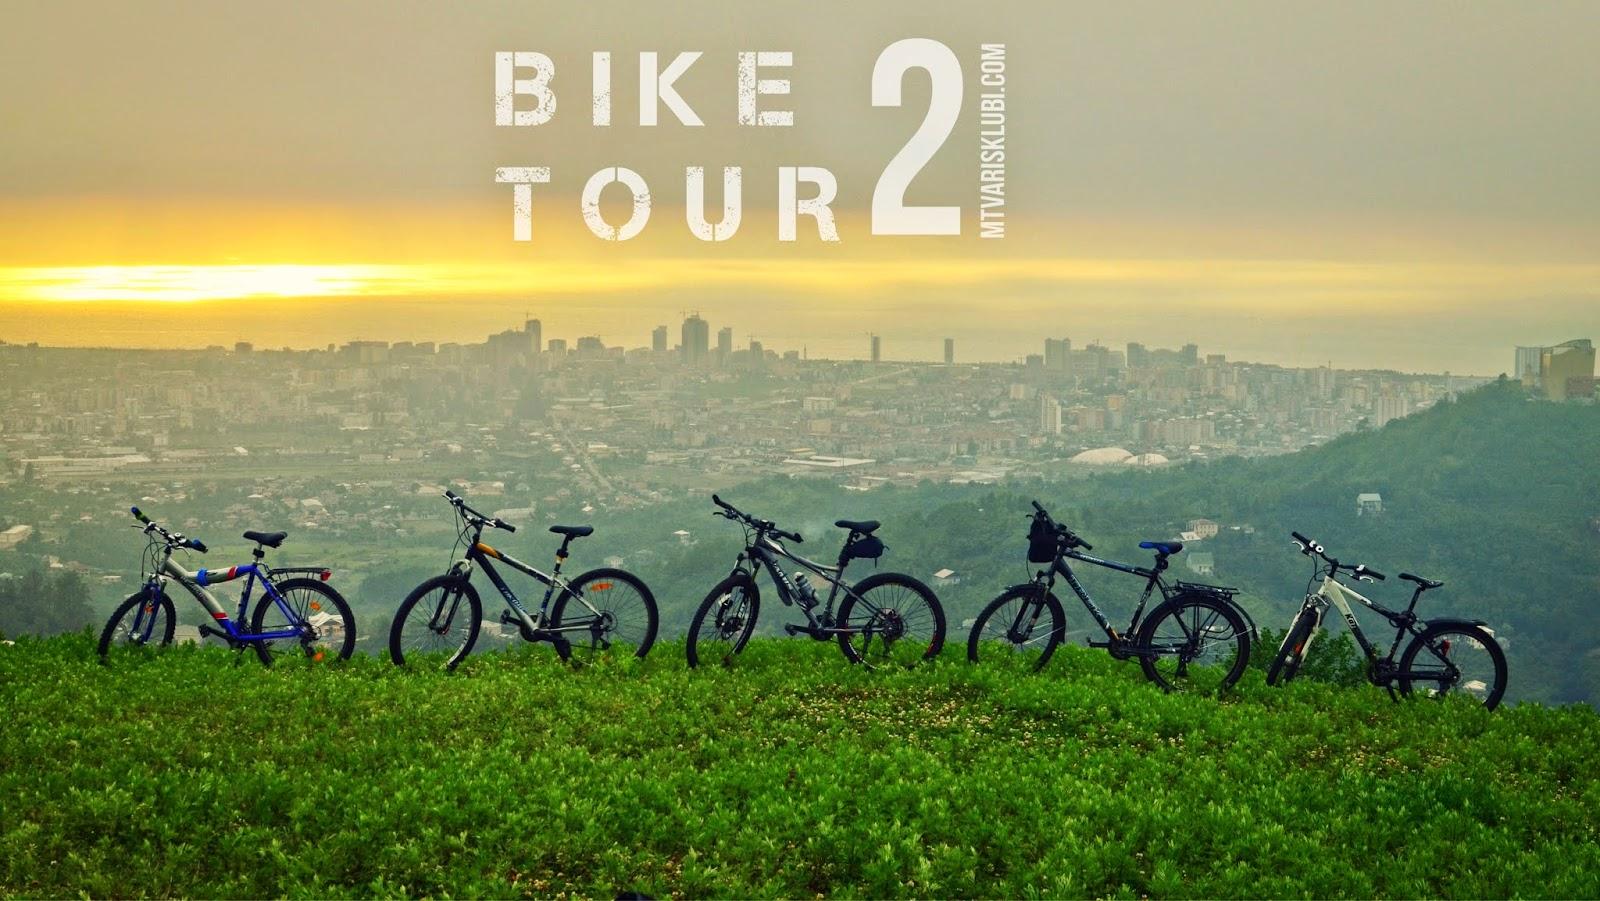 სტალკერი Bike Tour N2 Stalker